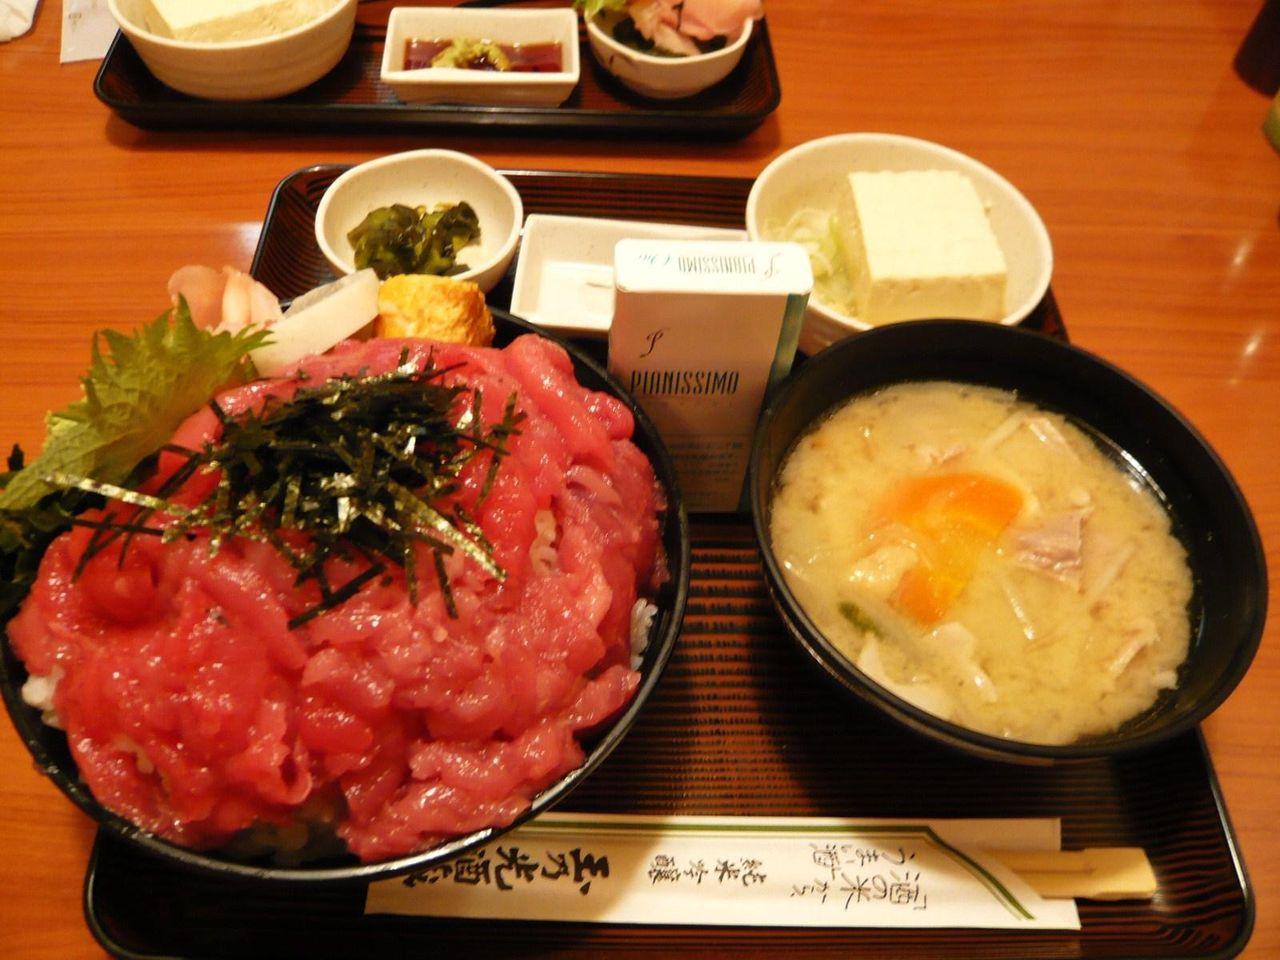 鉄火丼と豚汁セット(ライス、豚汁おかわり無料)880円